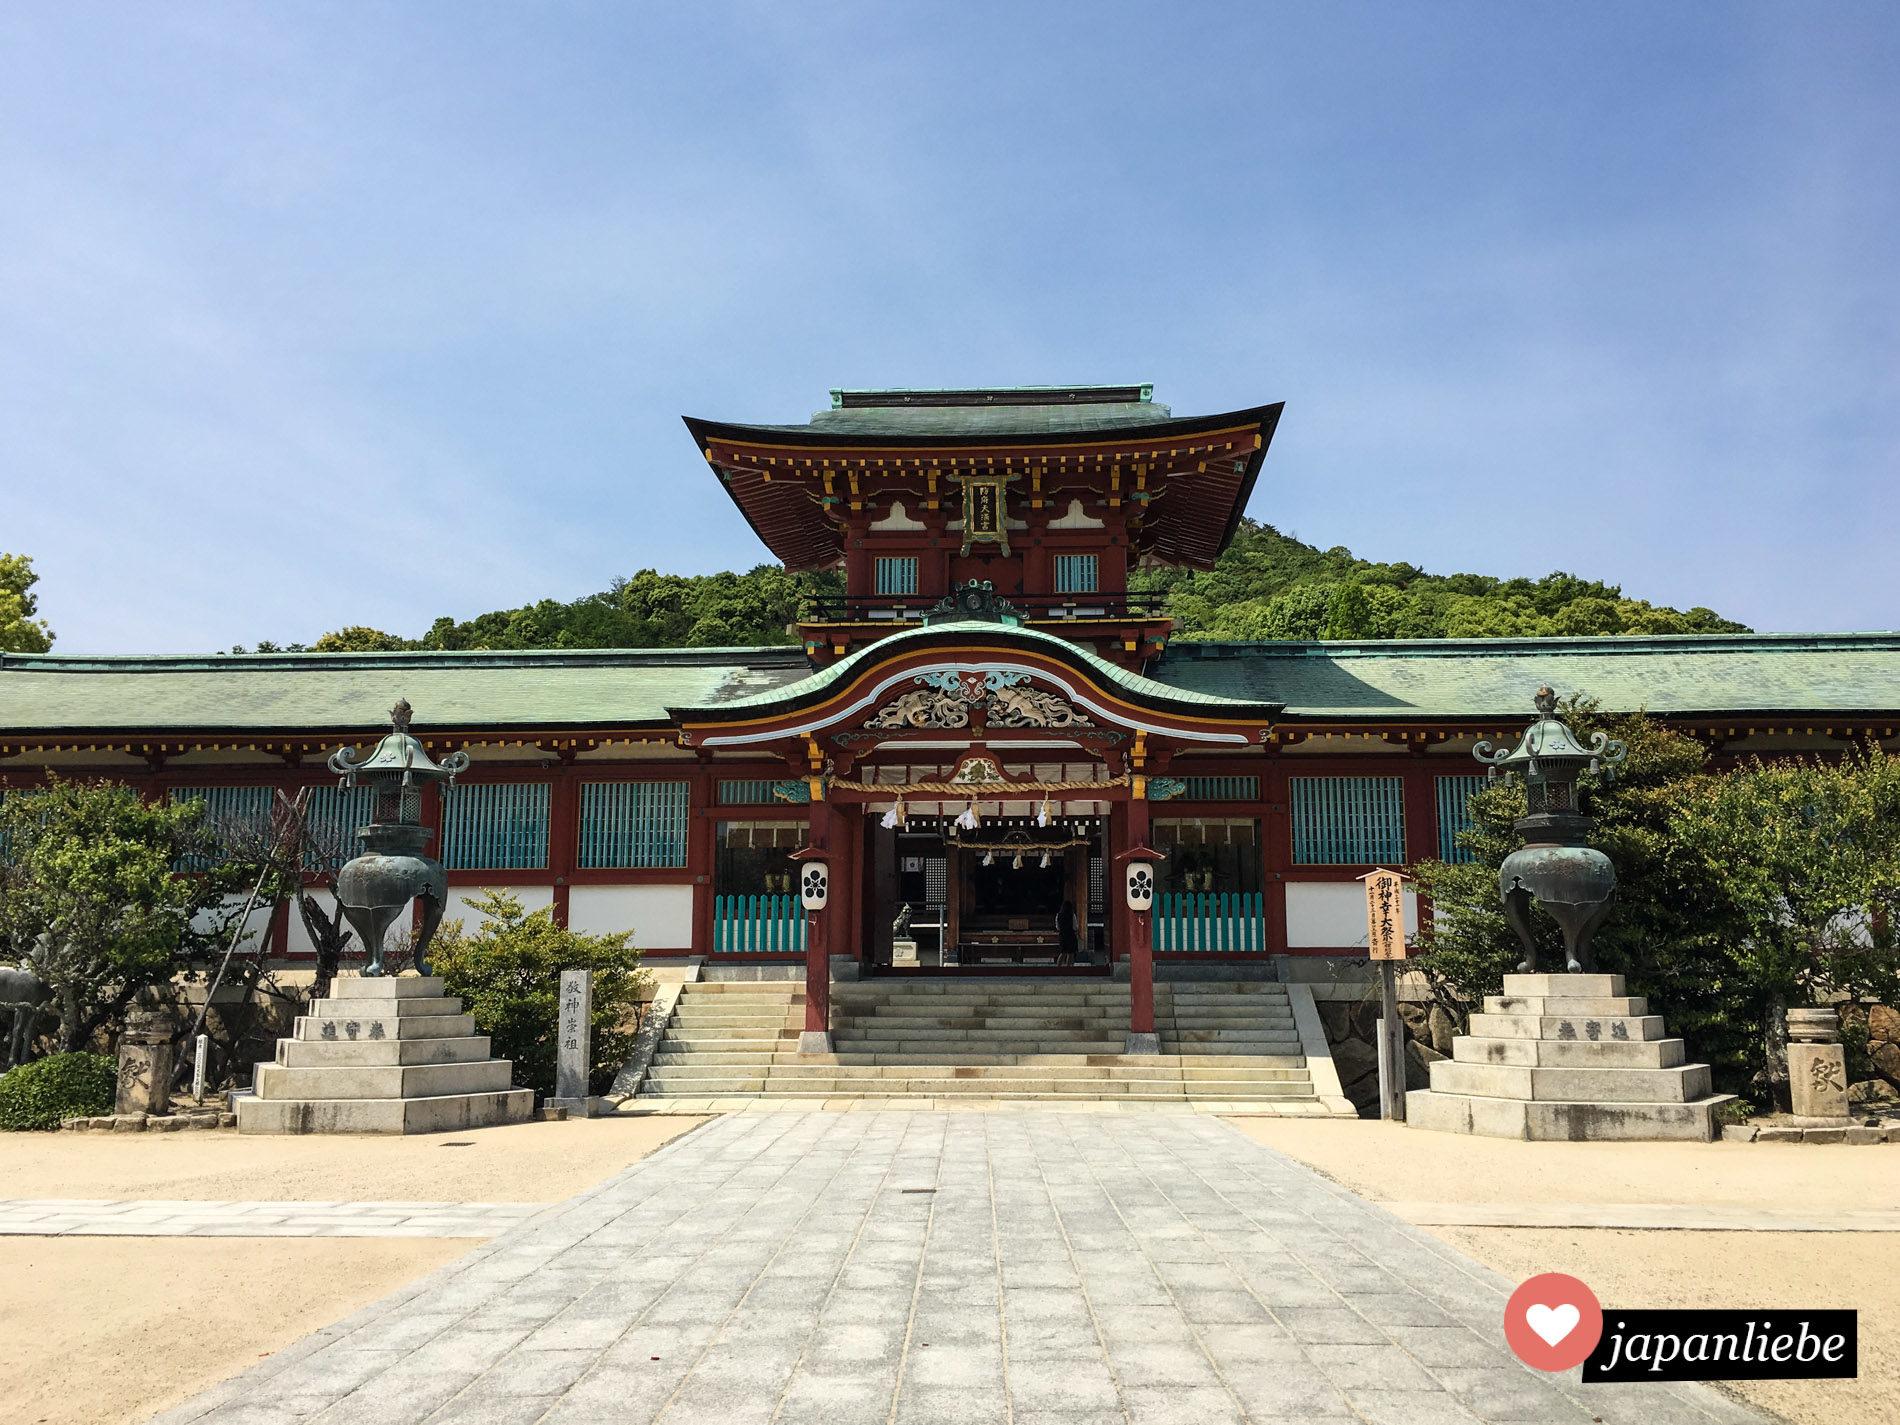 Der Tenman-gu Schrein in Hōfu.